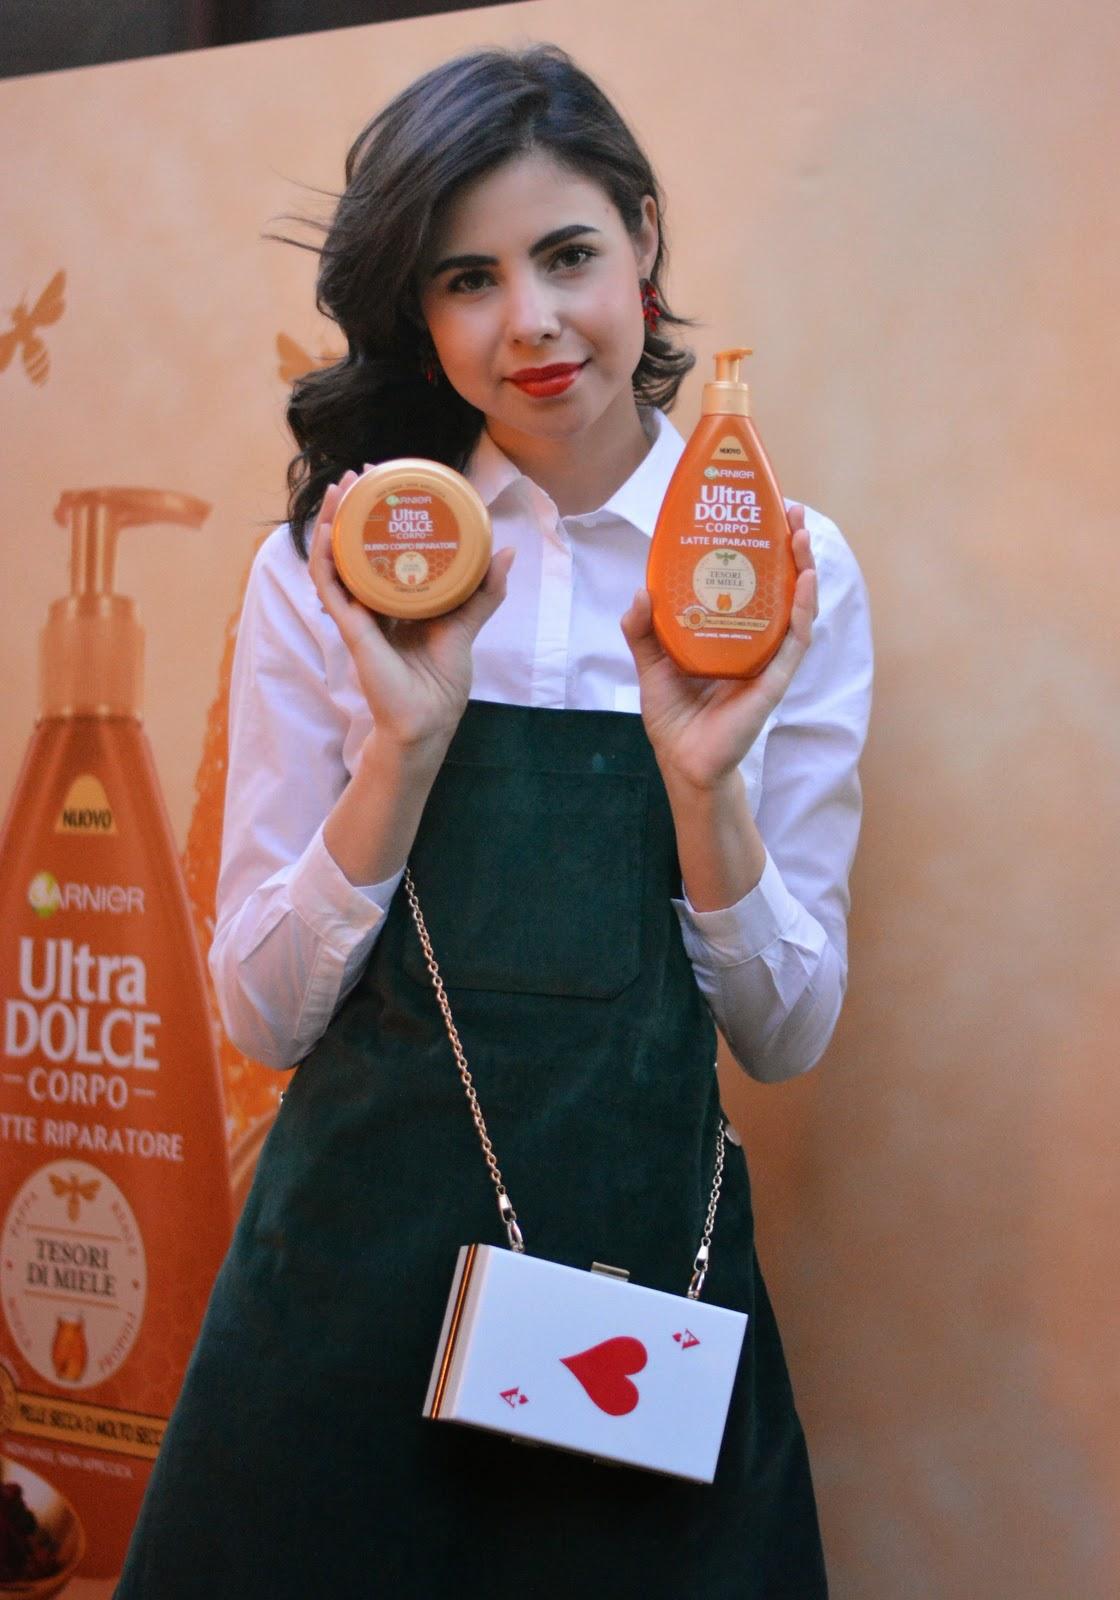 ultra dolce corpo , garnier italia , body care , juliane borges , beuty blogger italia